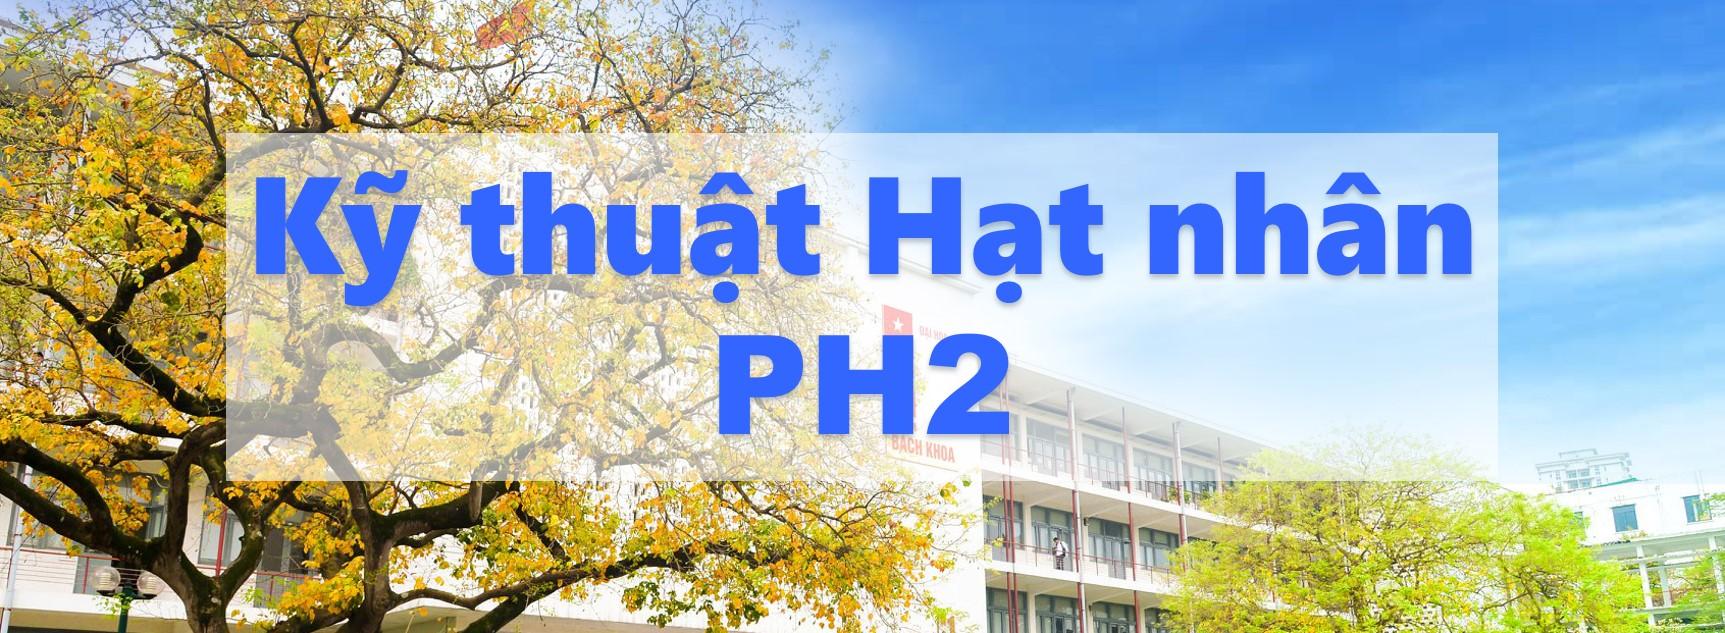 Kỹ thuật Hạt nhân (PH2): Ứng dụng quan trọng trong Vật lý Y khoa & Công nghiệp